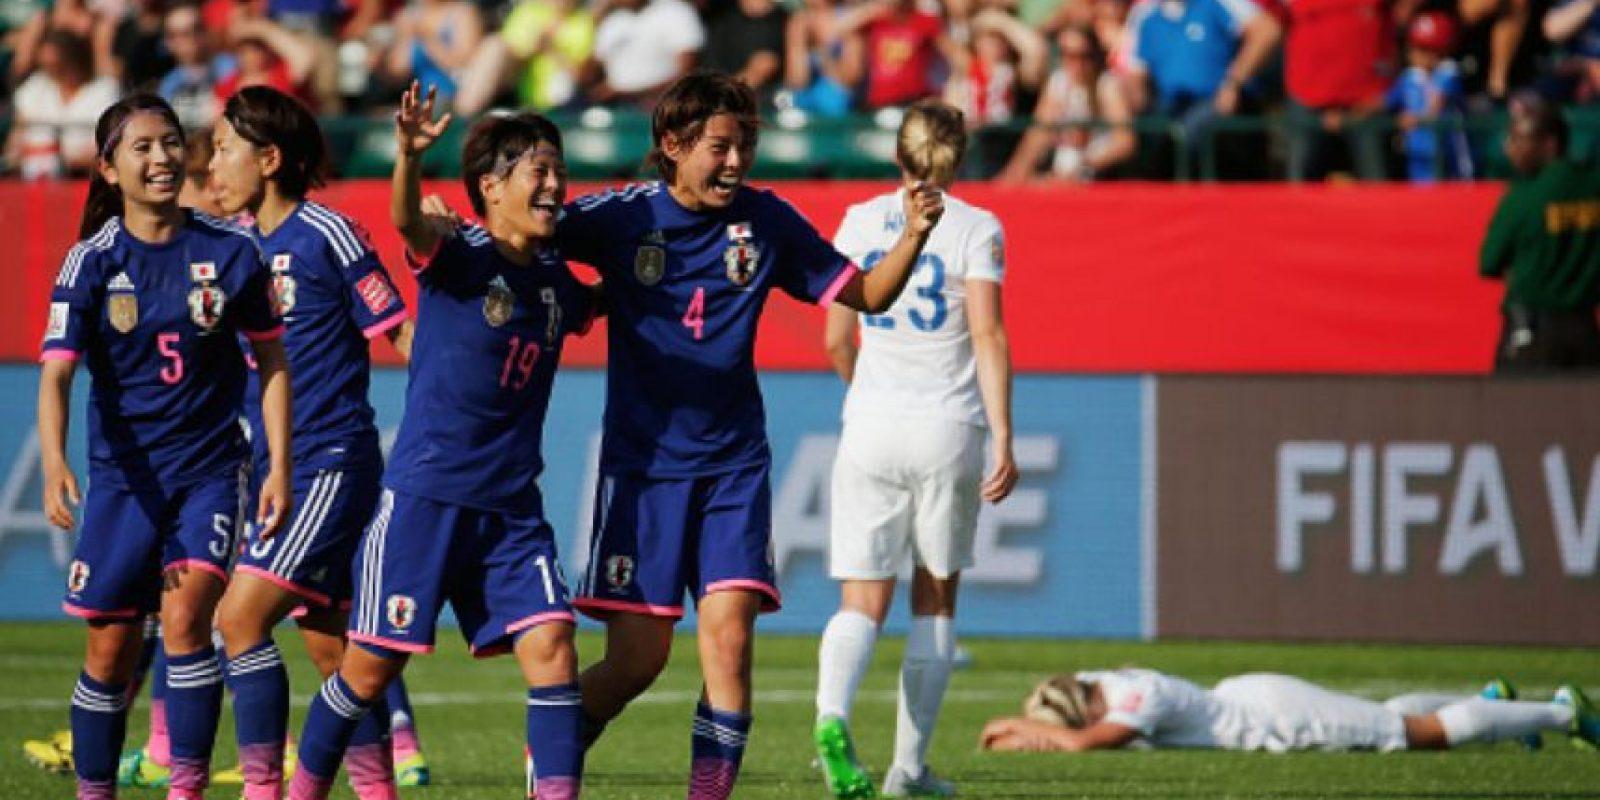 Ellas son las campeonas vigentes a nivel mundial en la rama femenina. Foto:vía Getty Images